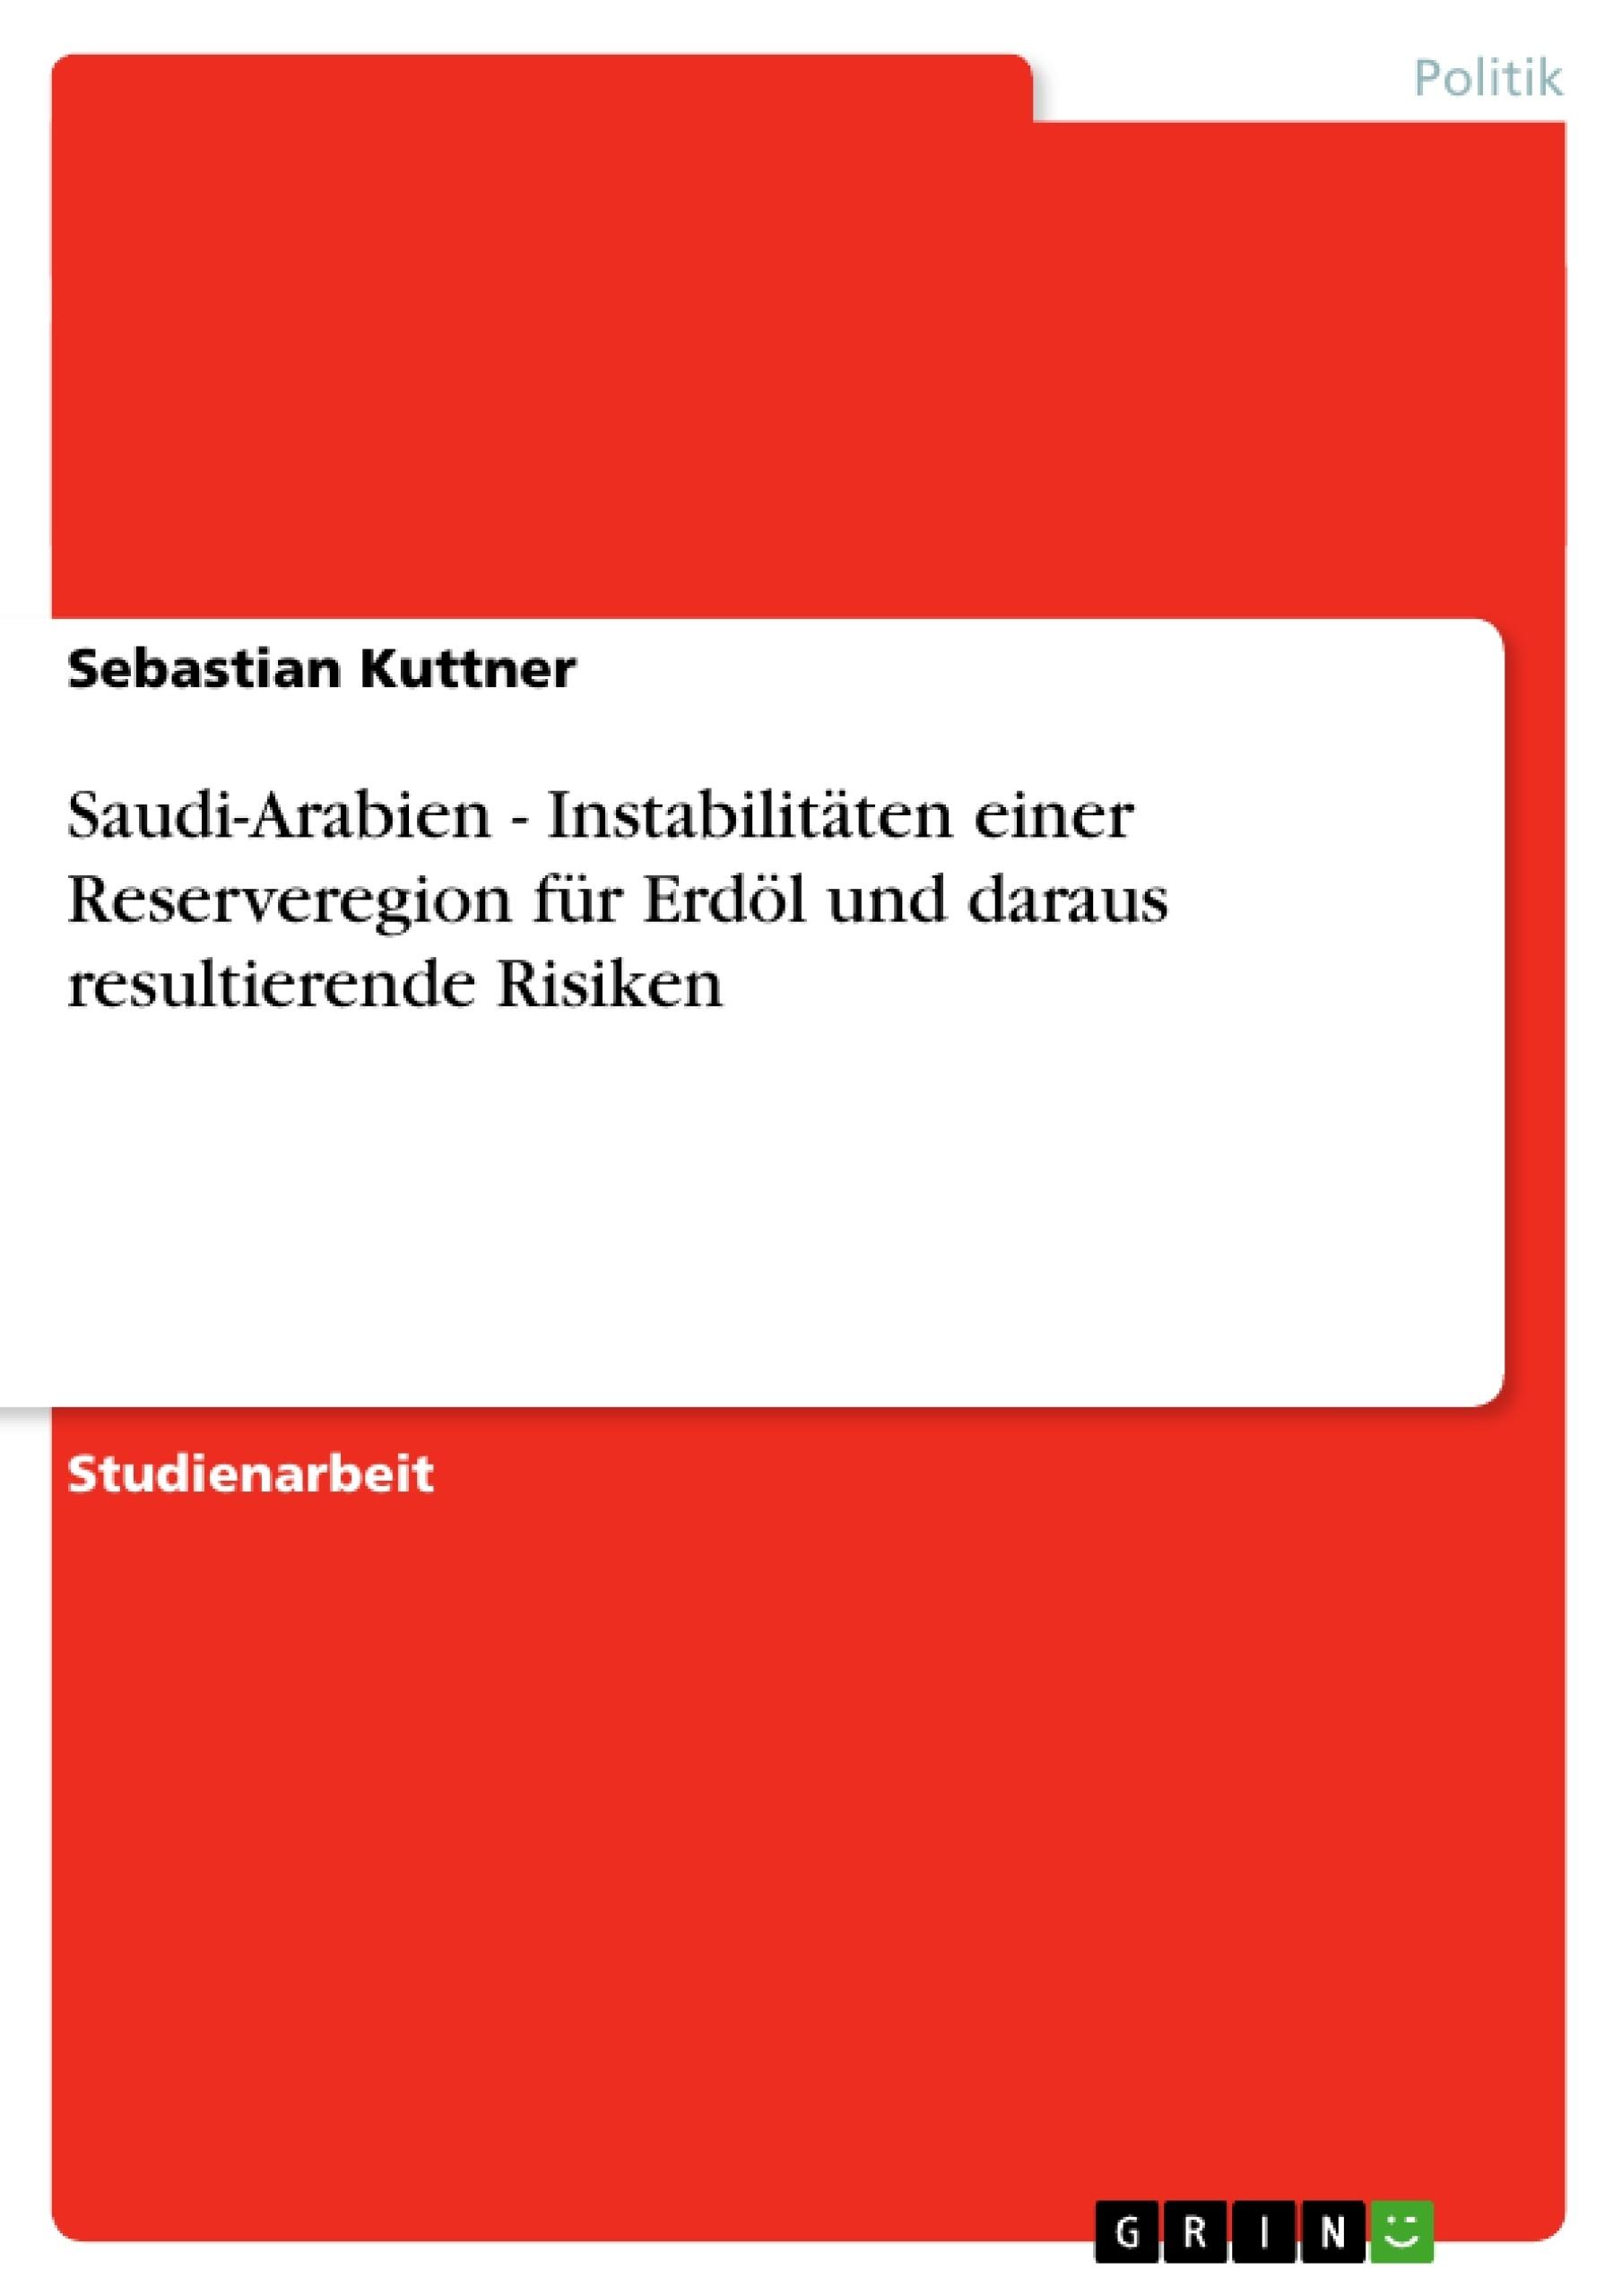 Titel: Saudi-Arabien - Instabilitäten einer Reserveregion für Erdöl und daraus resultierende Risiken